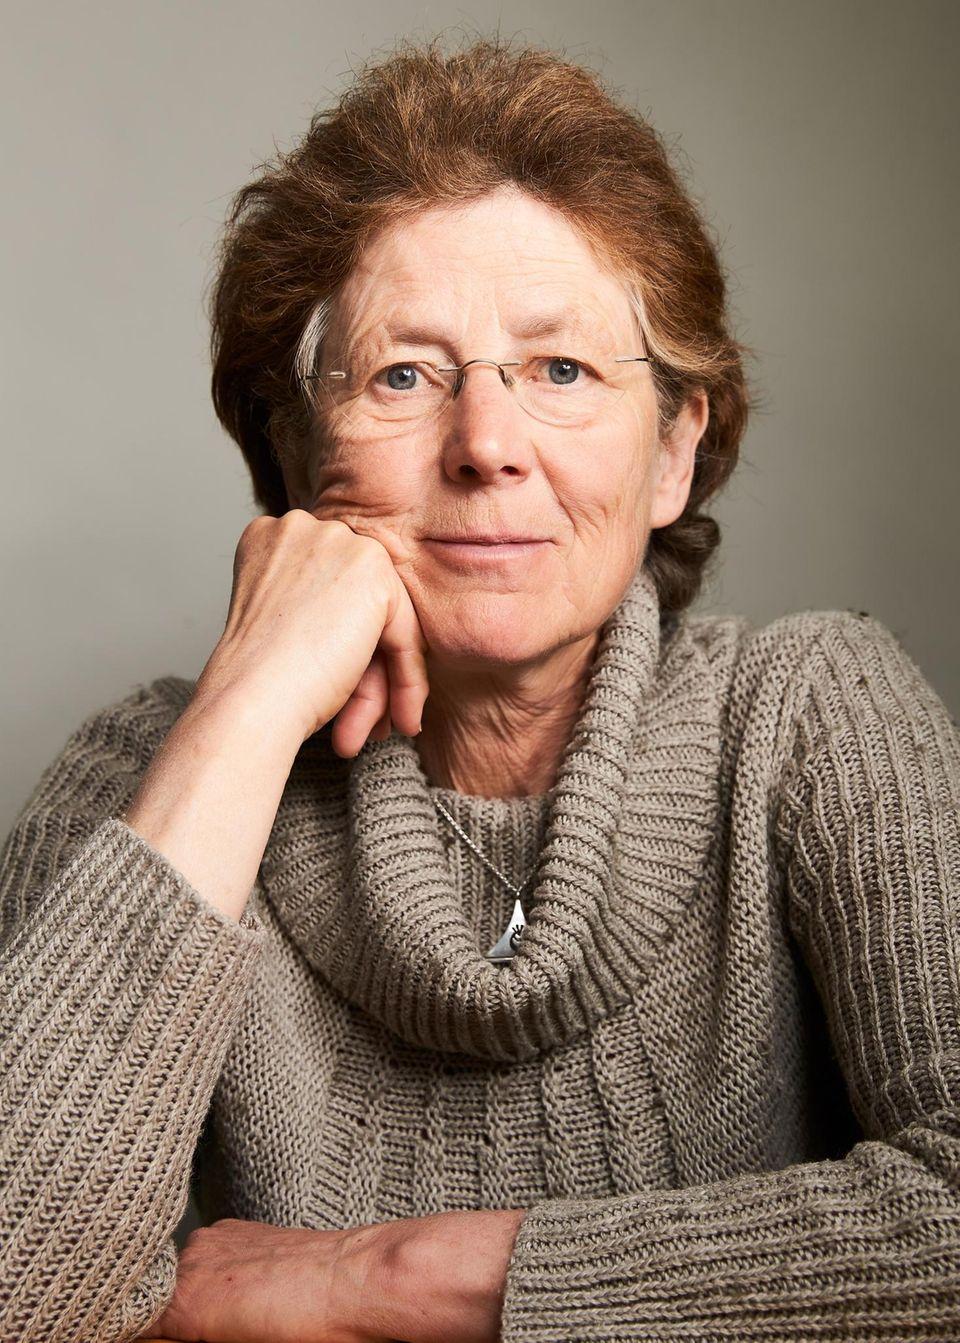 Kristina Hänel, 64, Ärztin   Ich darf auf der Homepage meiner Praxis nicht über Methoden oder Komplikationen von Abbrüchen aufklären. Das ist absurd und unwissenschaftlich. Mit Verboten verhindert man keine einzige Abtreibung – man gefährdet die Gesundheit der Frauen.